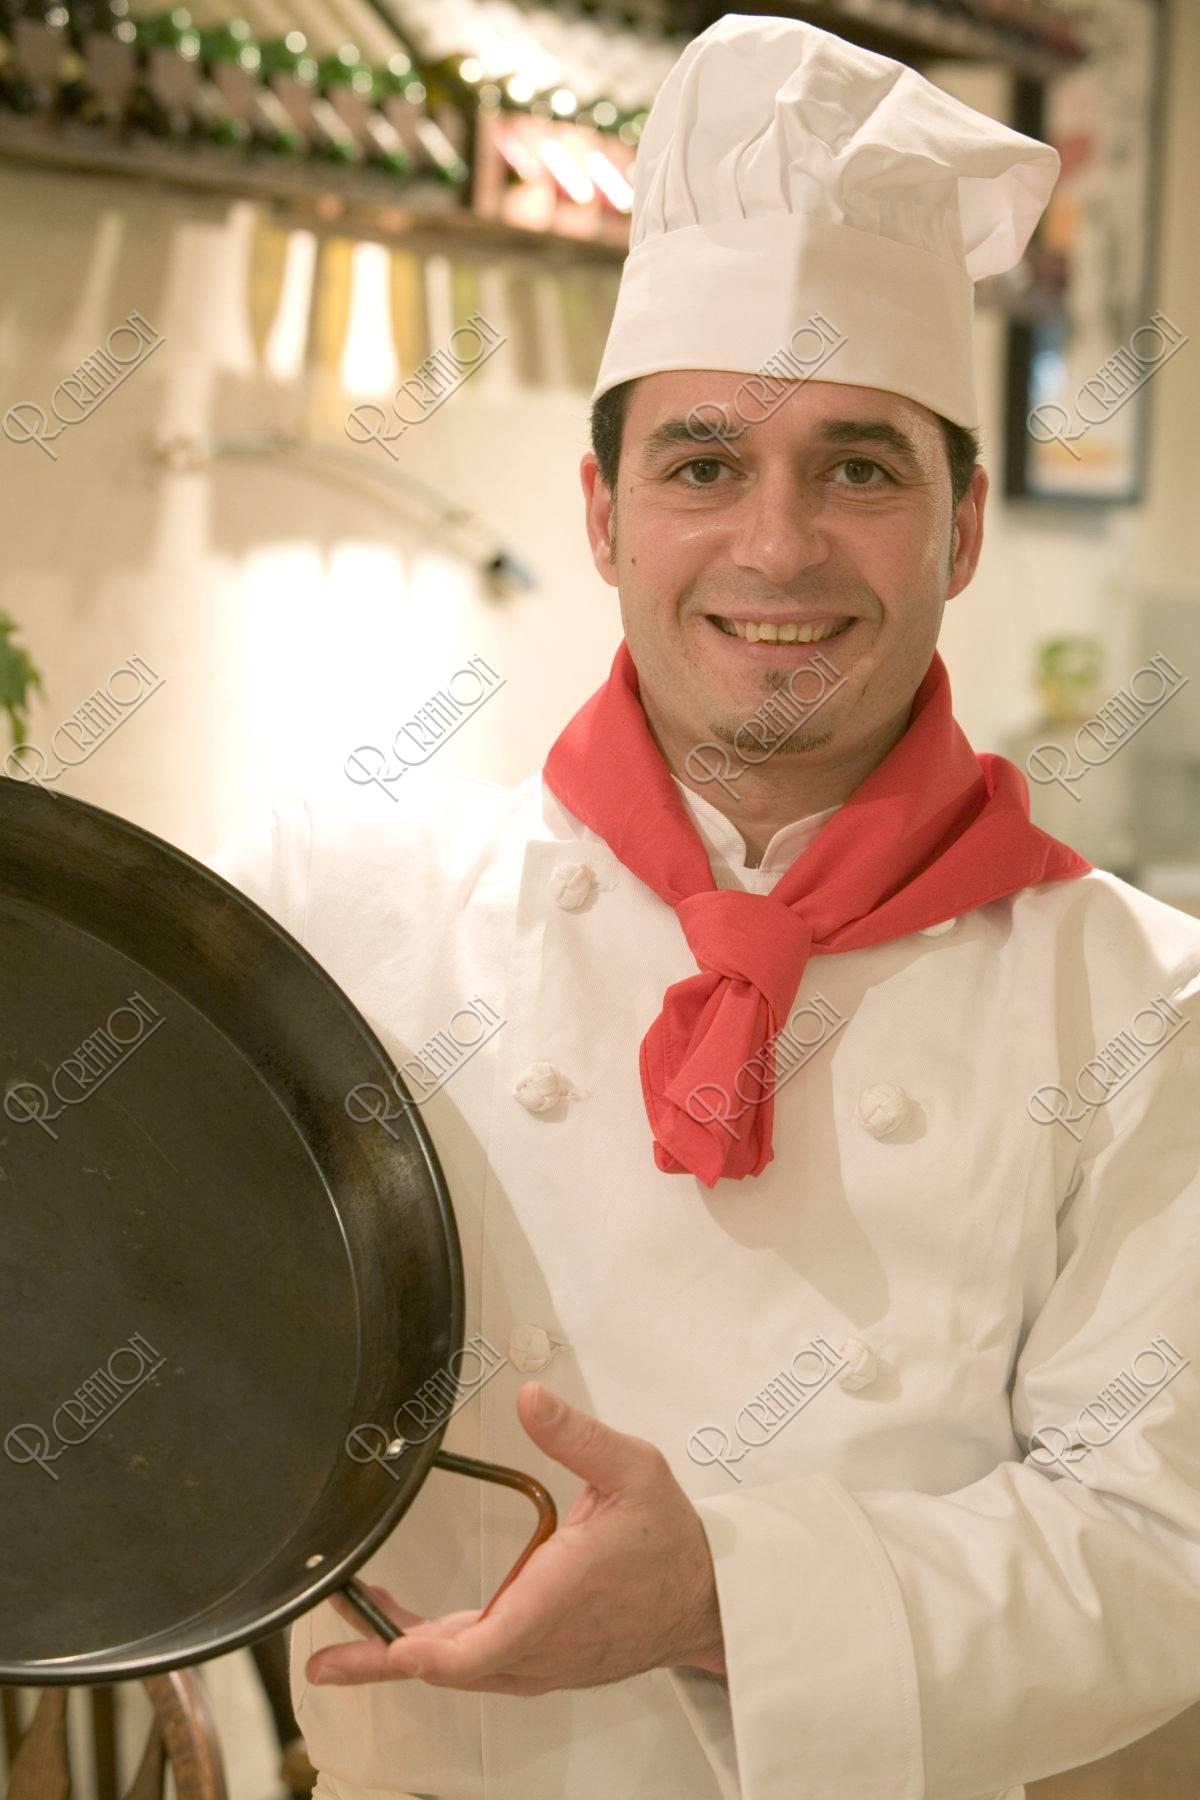 パエリャ鍋を持つシェフ